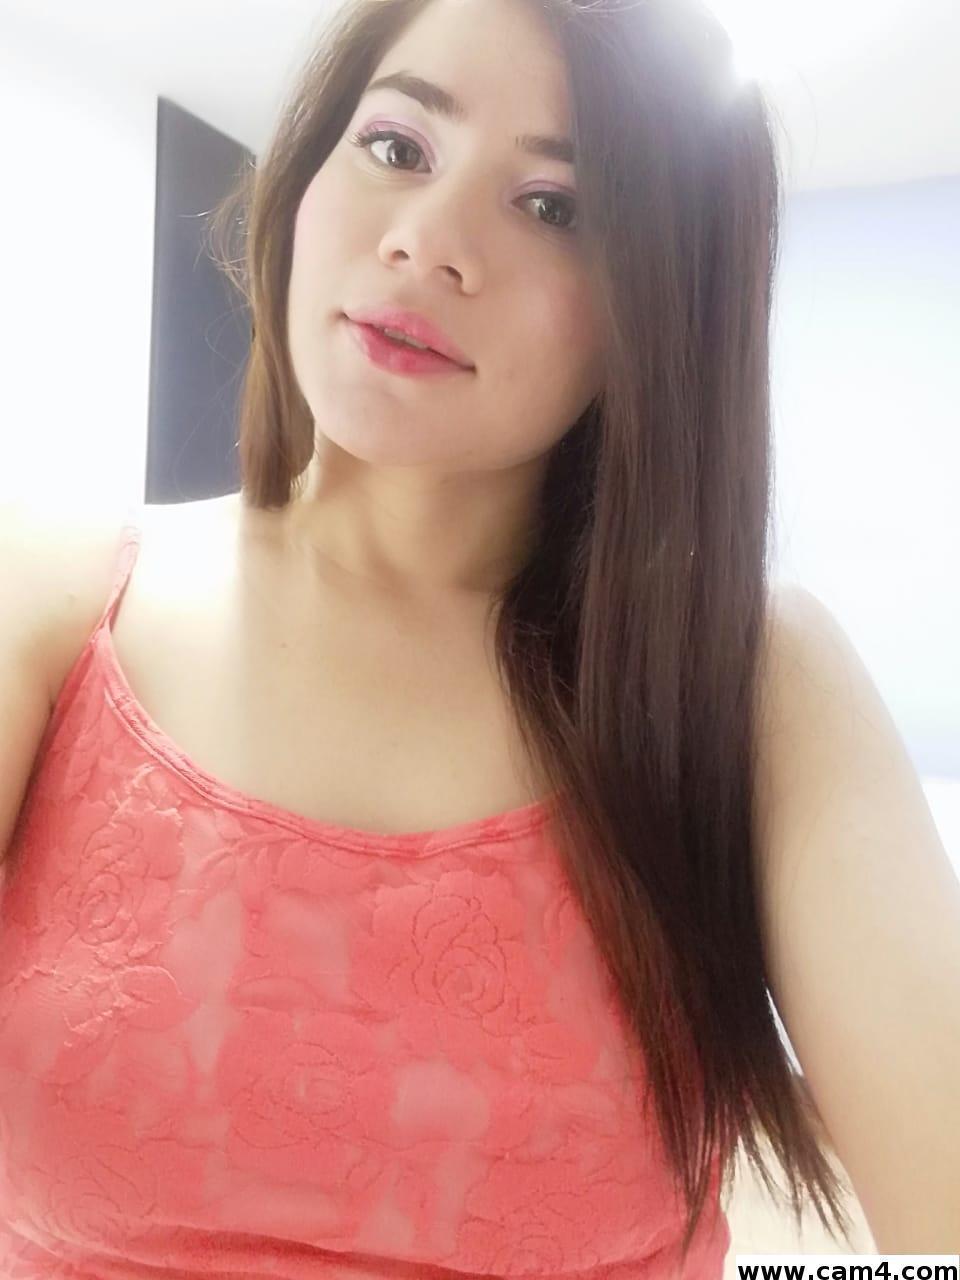 azijski porno film na mreži